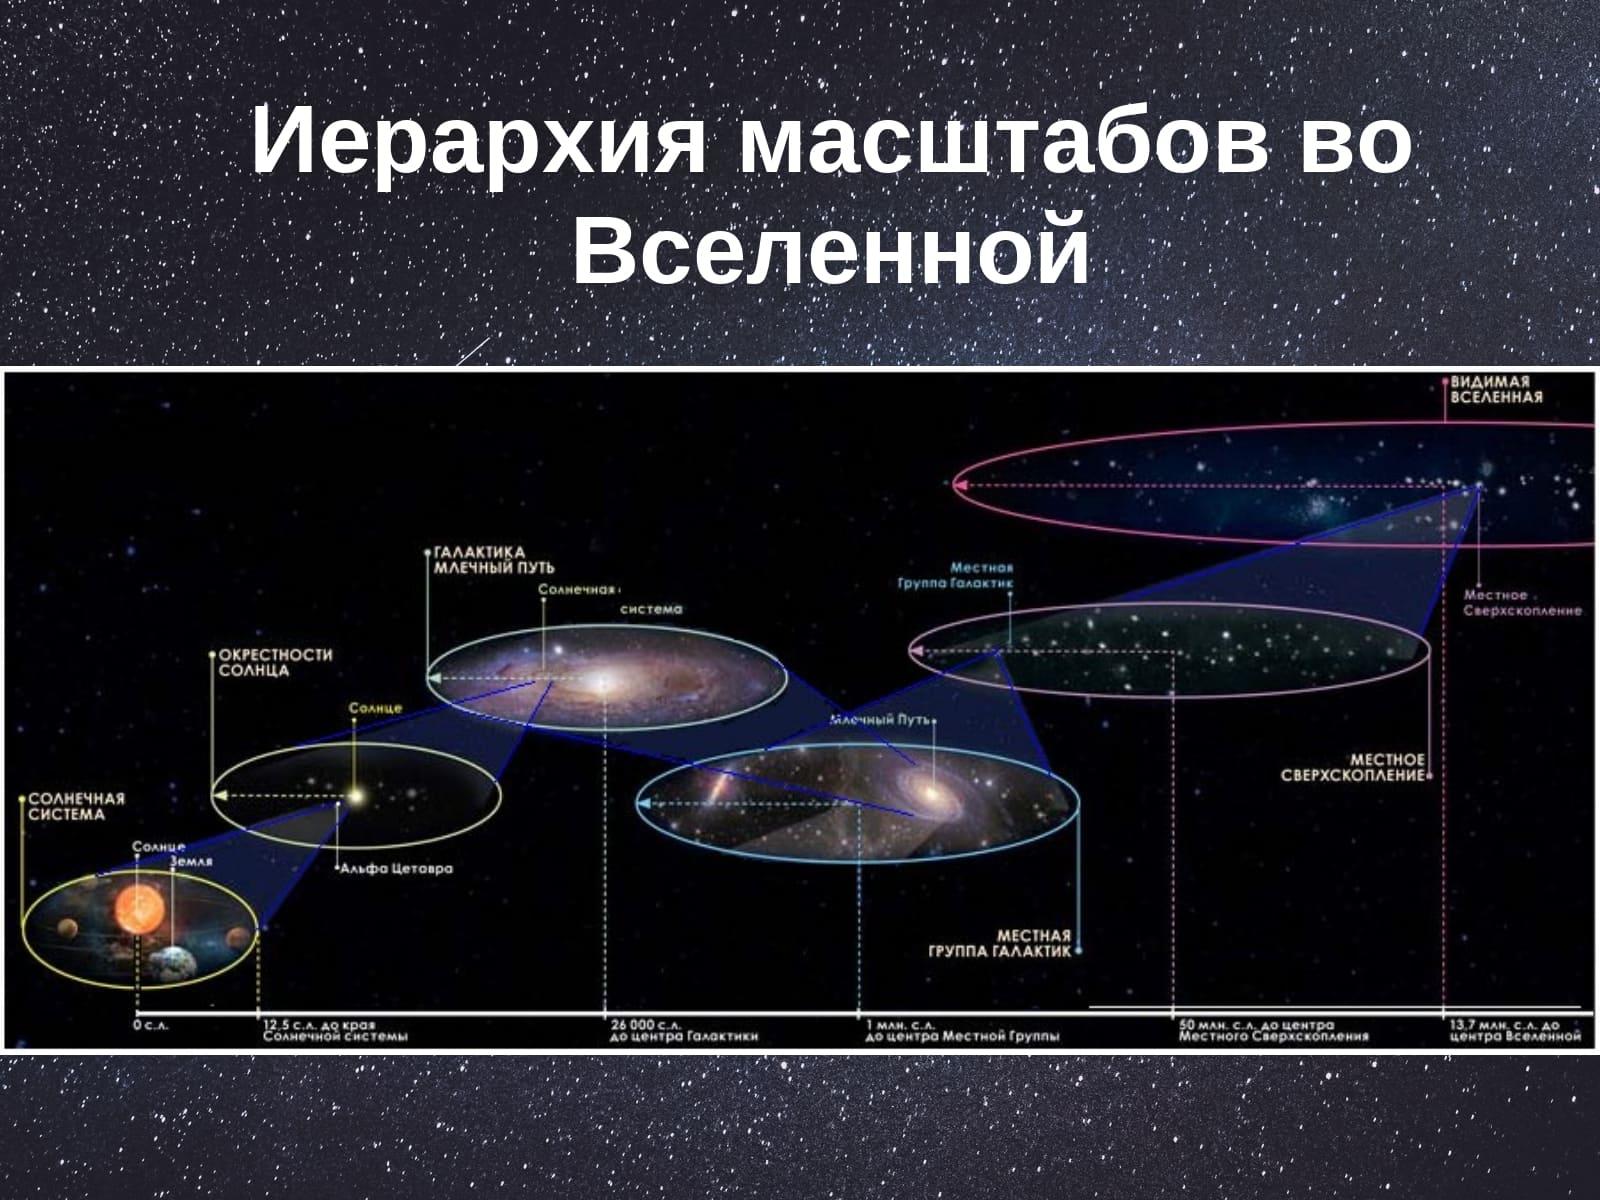 иерархия масштабов во Вселенной